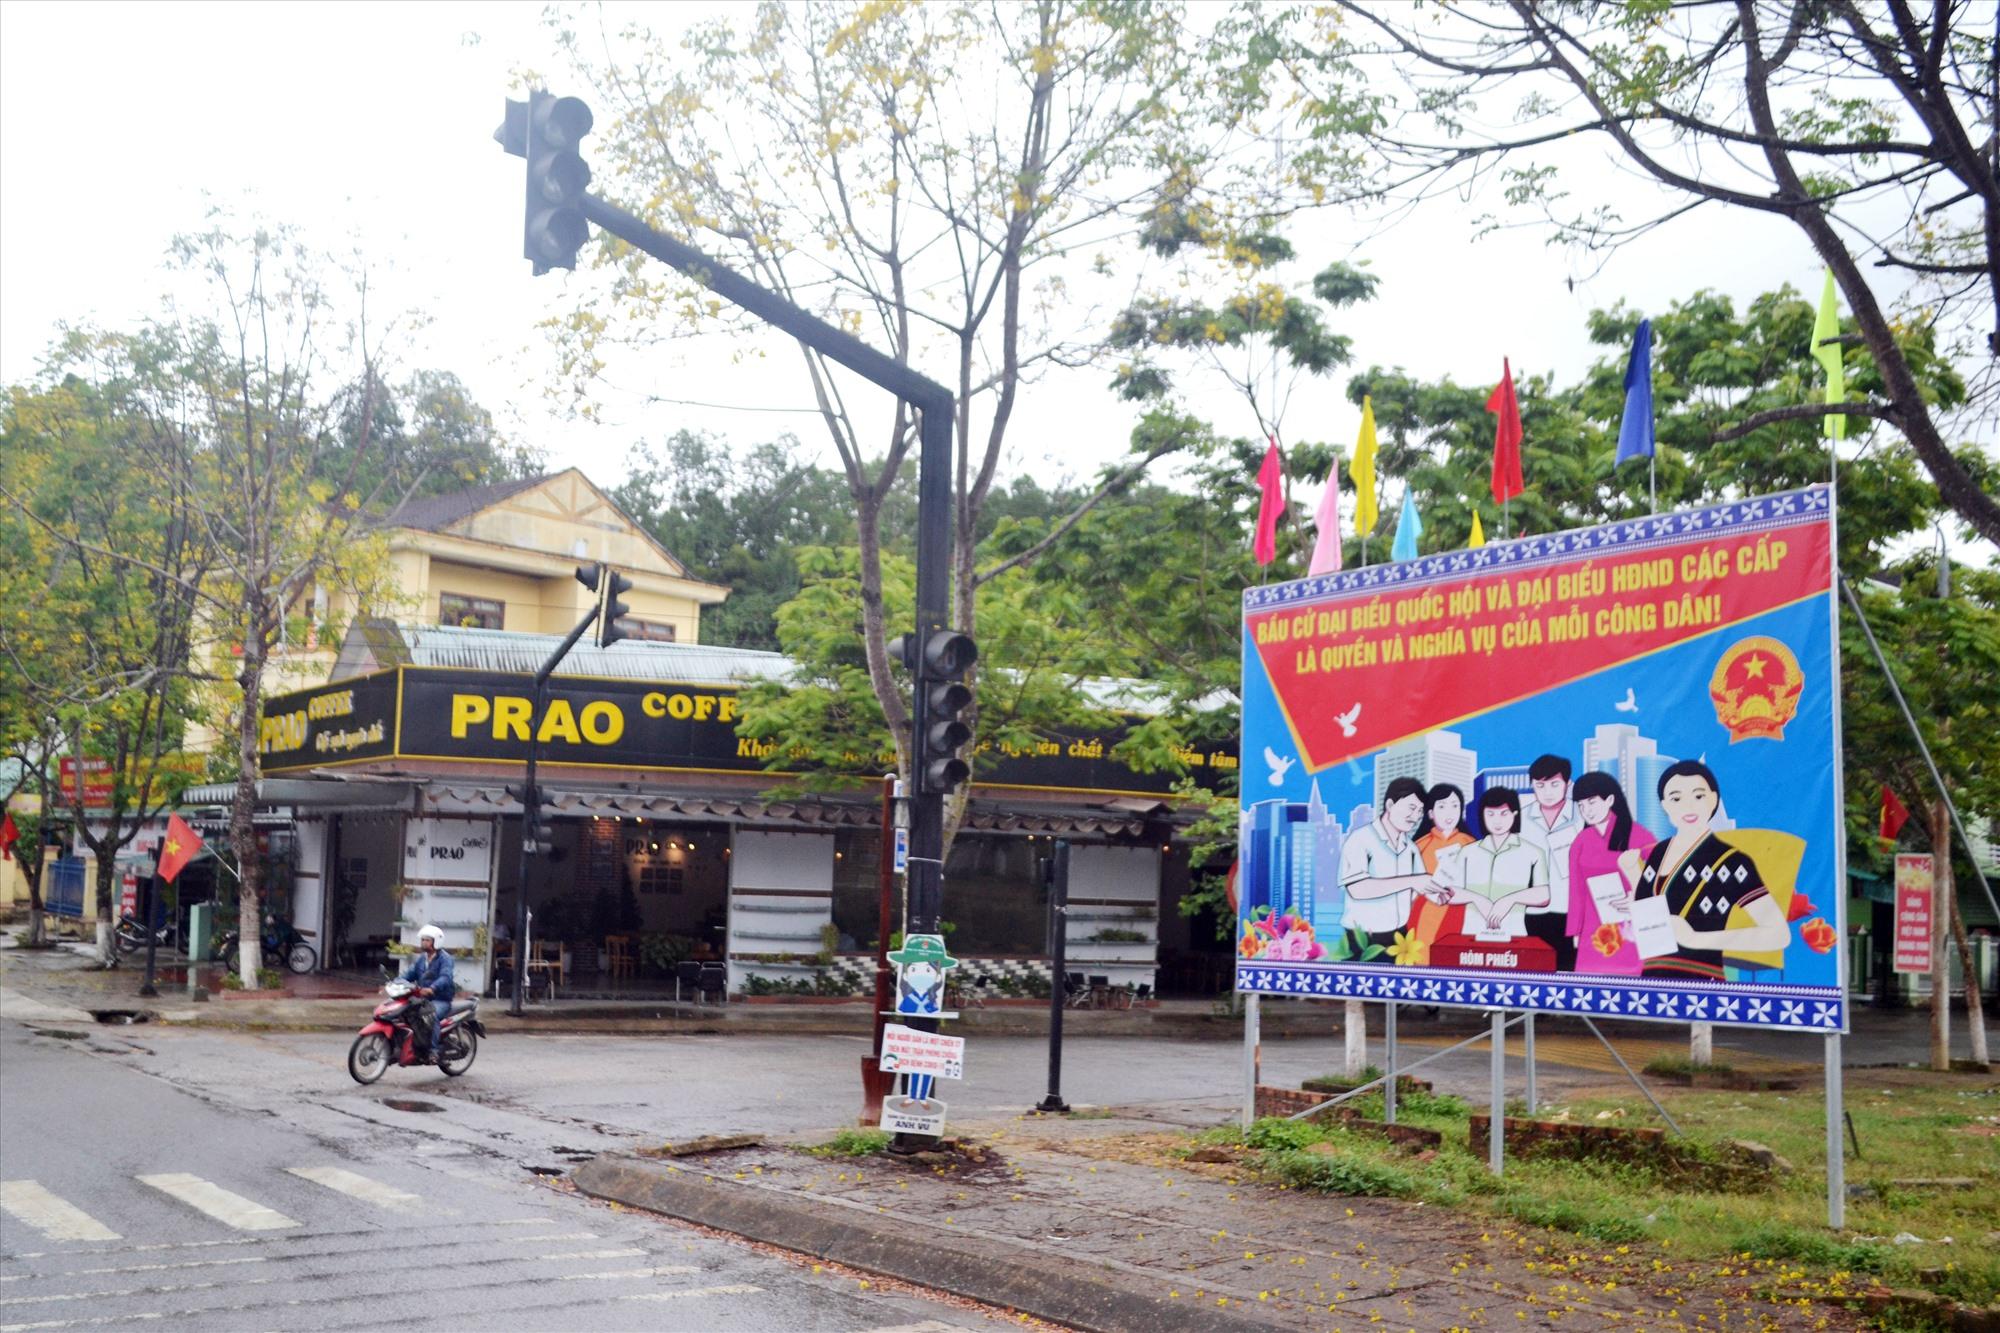 Cụm pa nô tuyên truyền về bầu cử được lắp dựng tại thị trấn Prao. Ảnh: K.K